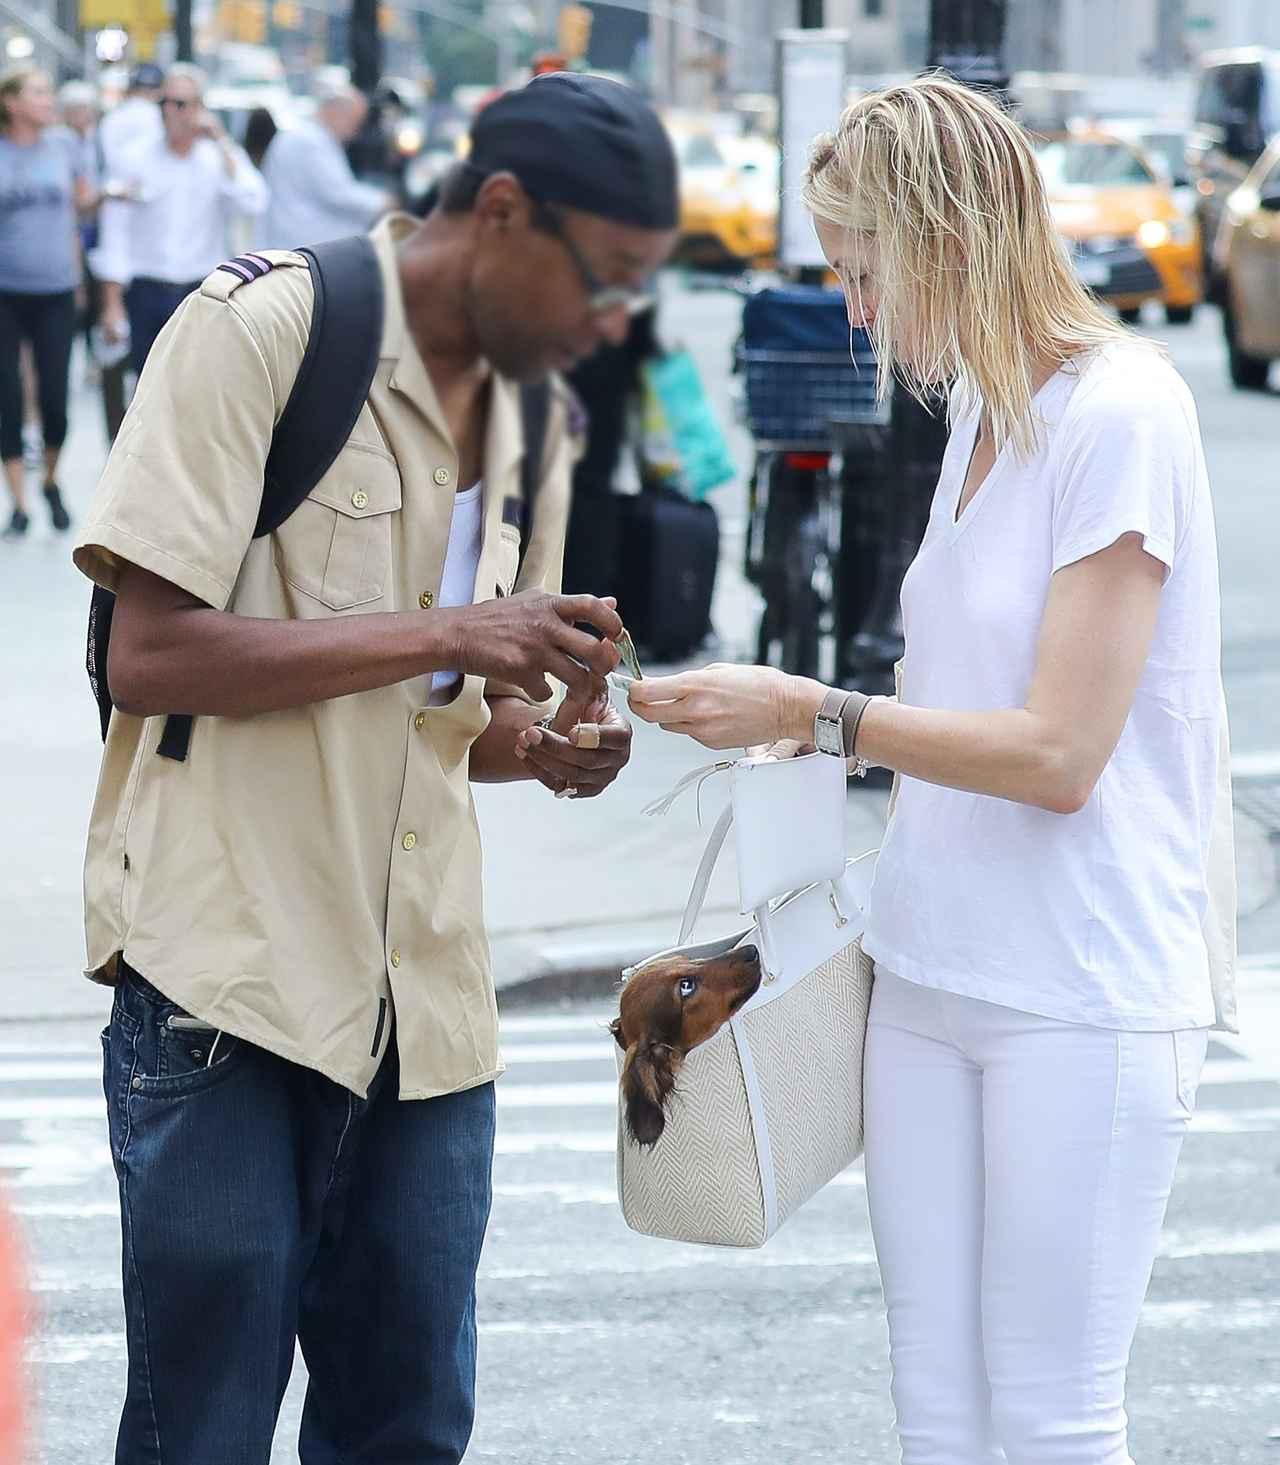 画像4: 『ゴシップガール』女優ケリー・ラザフォード、道でホームレス男性に声かけられ・・・